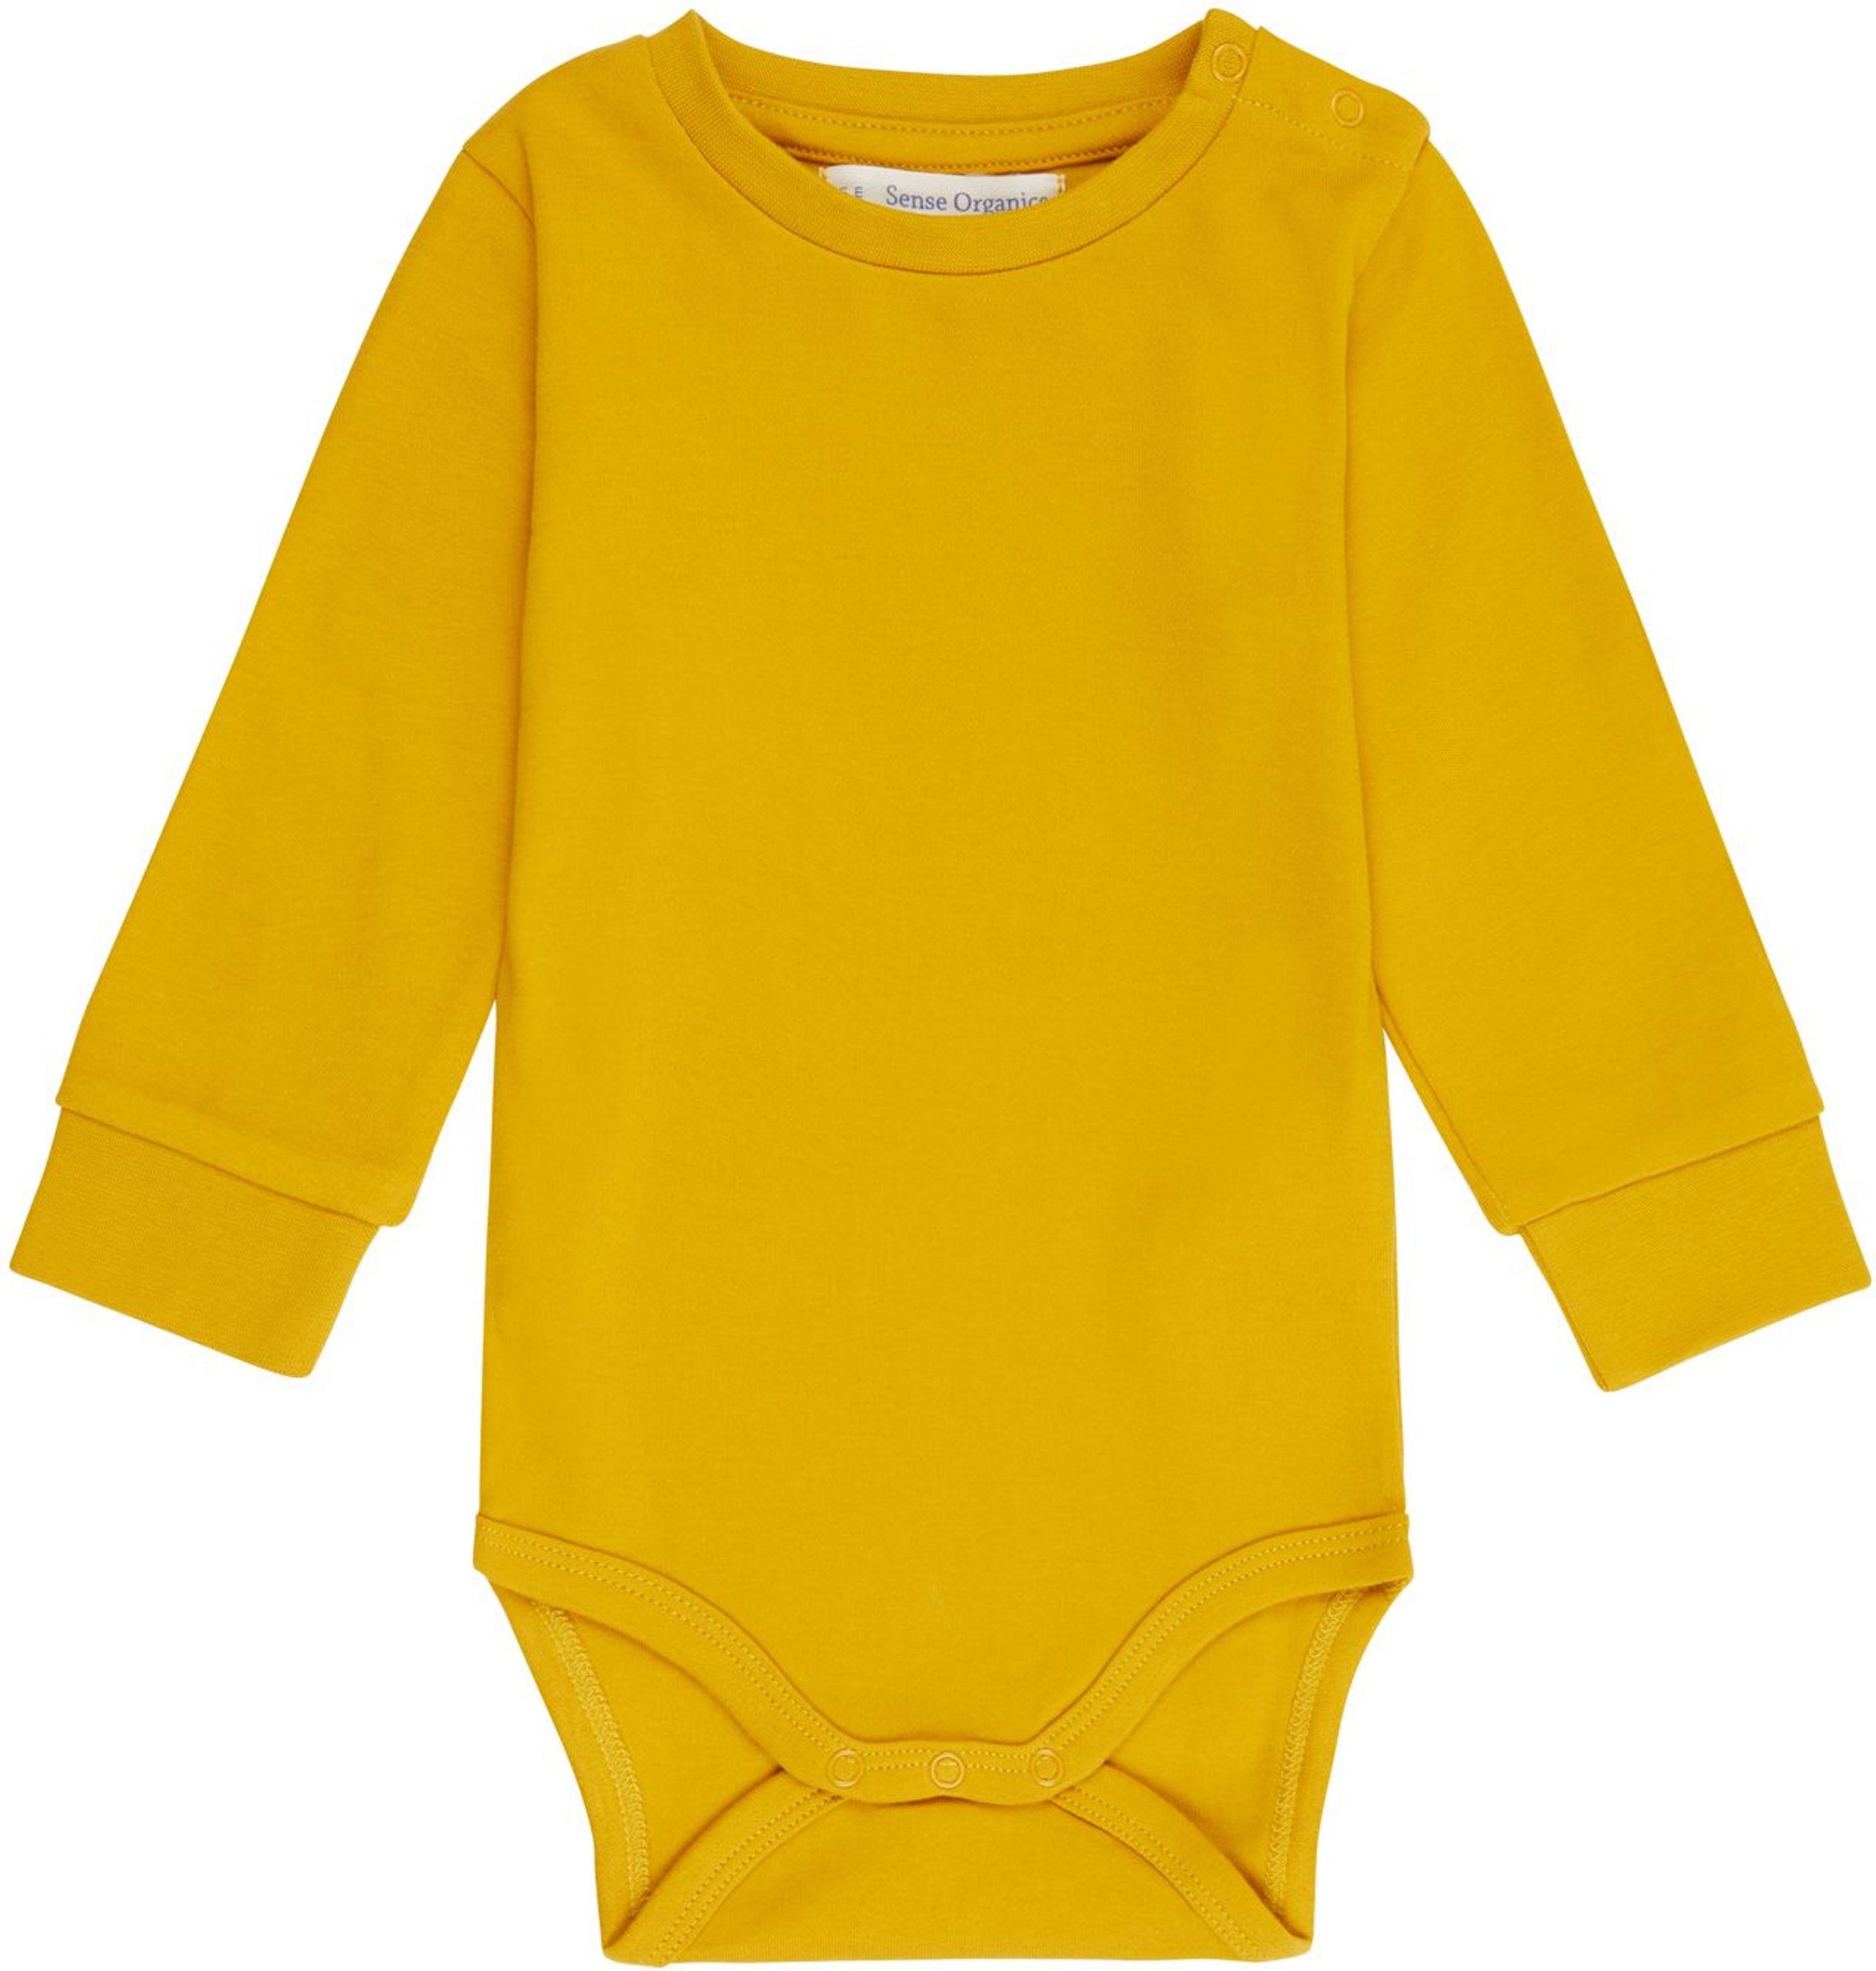 Sense Organic MILAN Baby Body L/S mustard